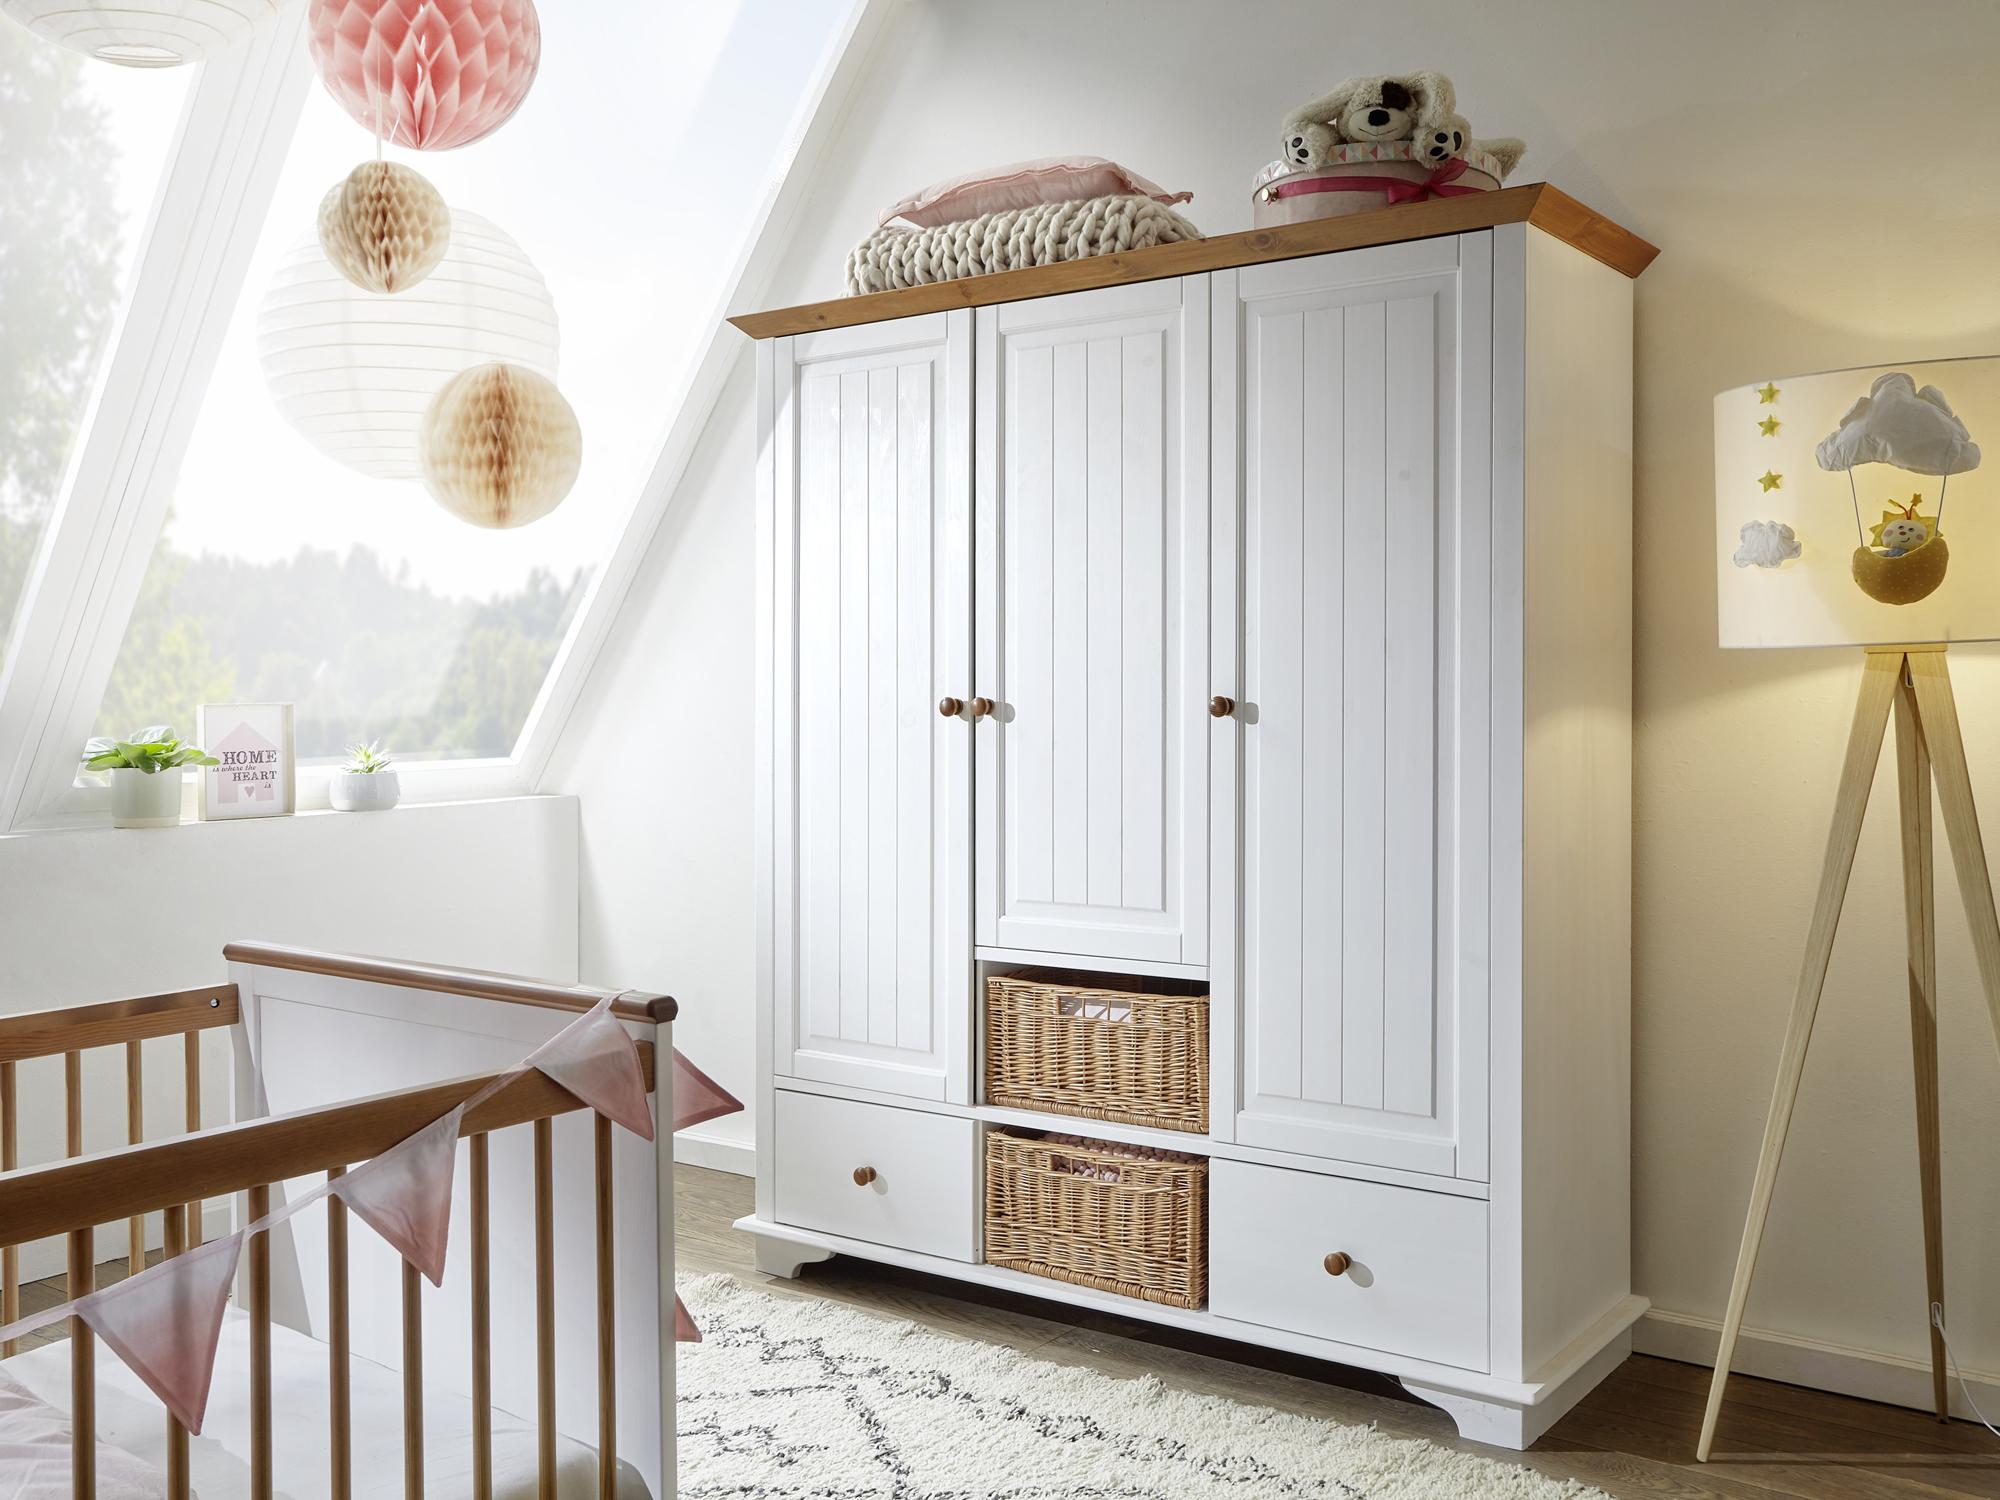 Elegant Kleiderschrank Landhaus Bestand An Wohndesign Dekor